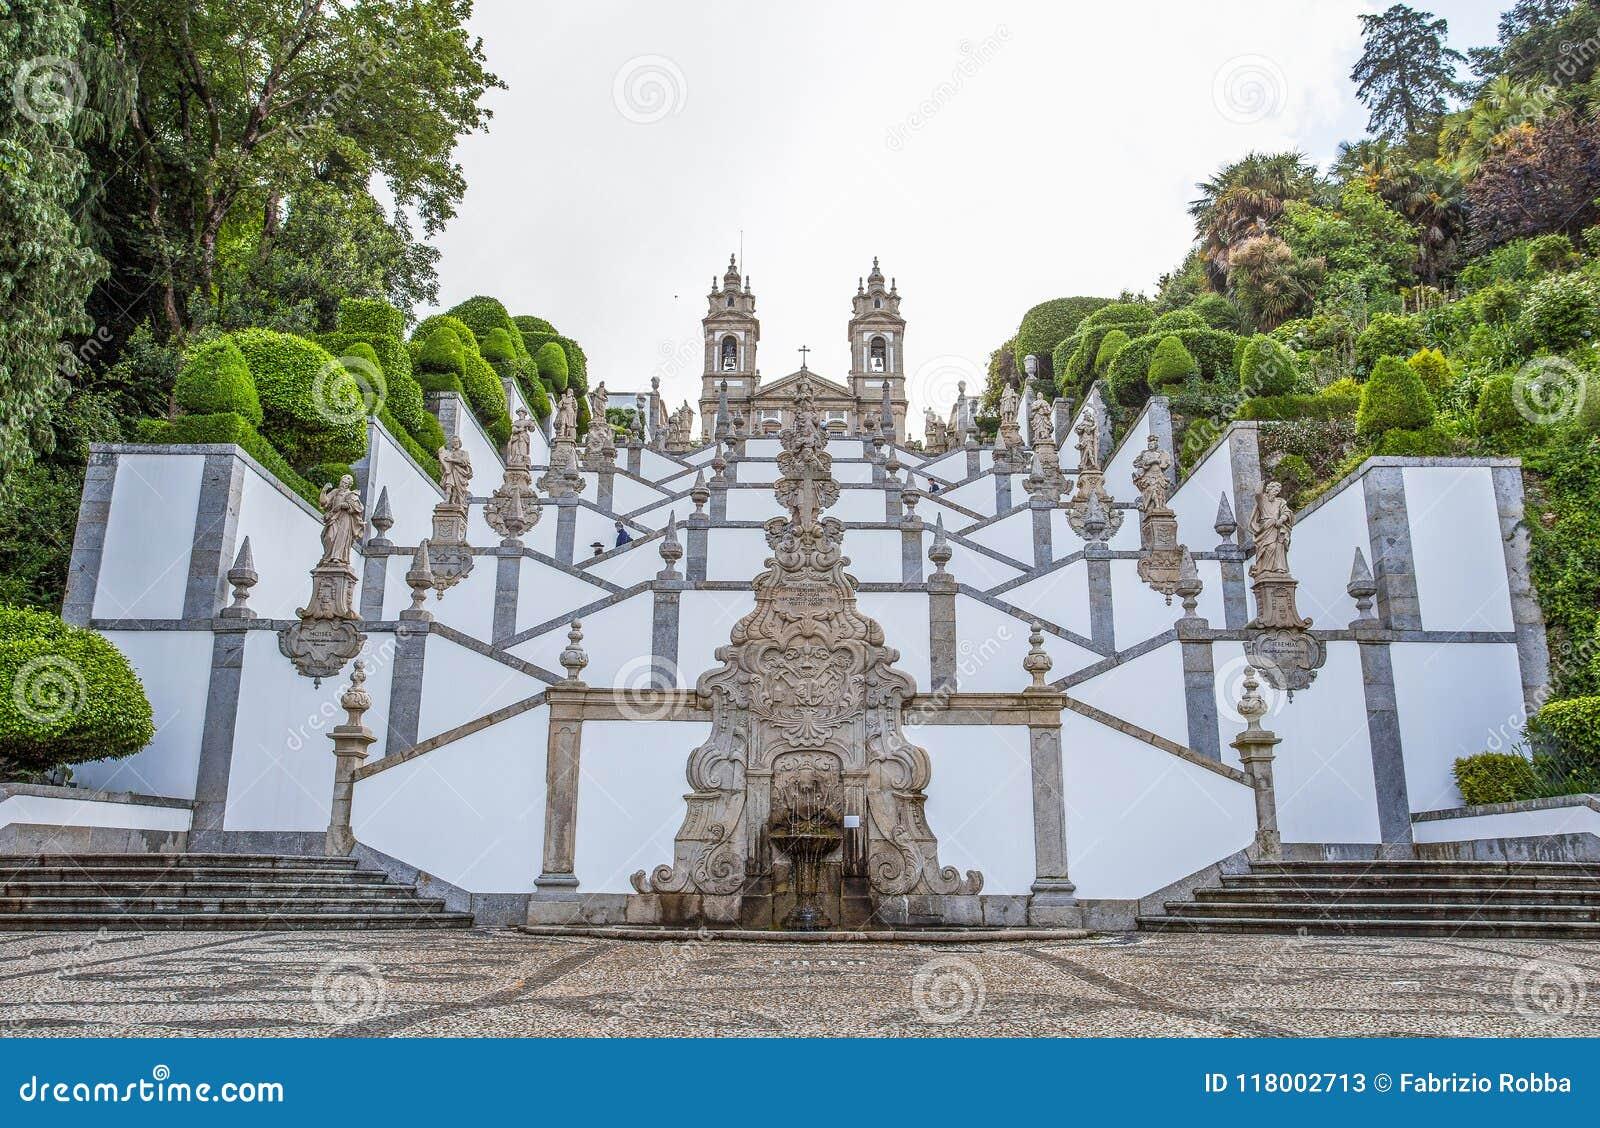 Bom耶稣新古典主义的大教堂做Monte/教会宗教faithfuls/拉格葡萄牙